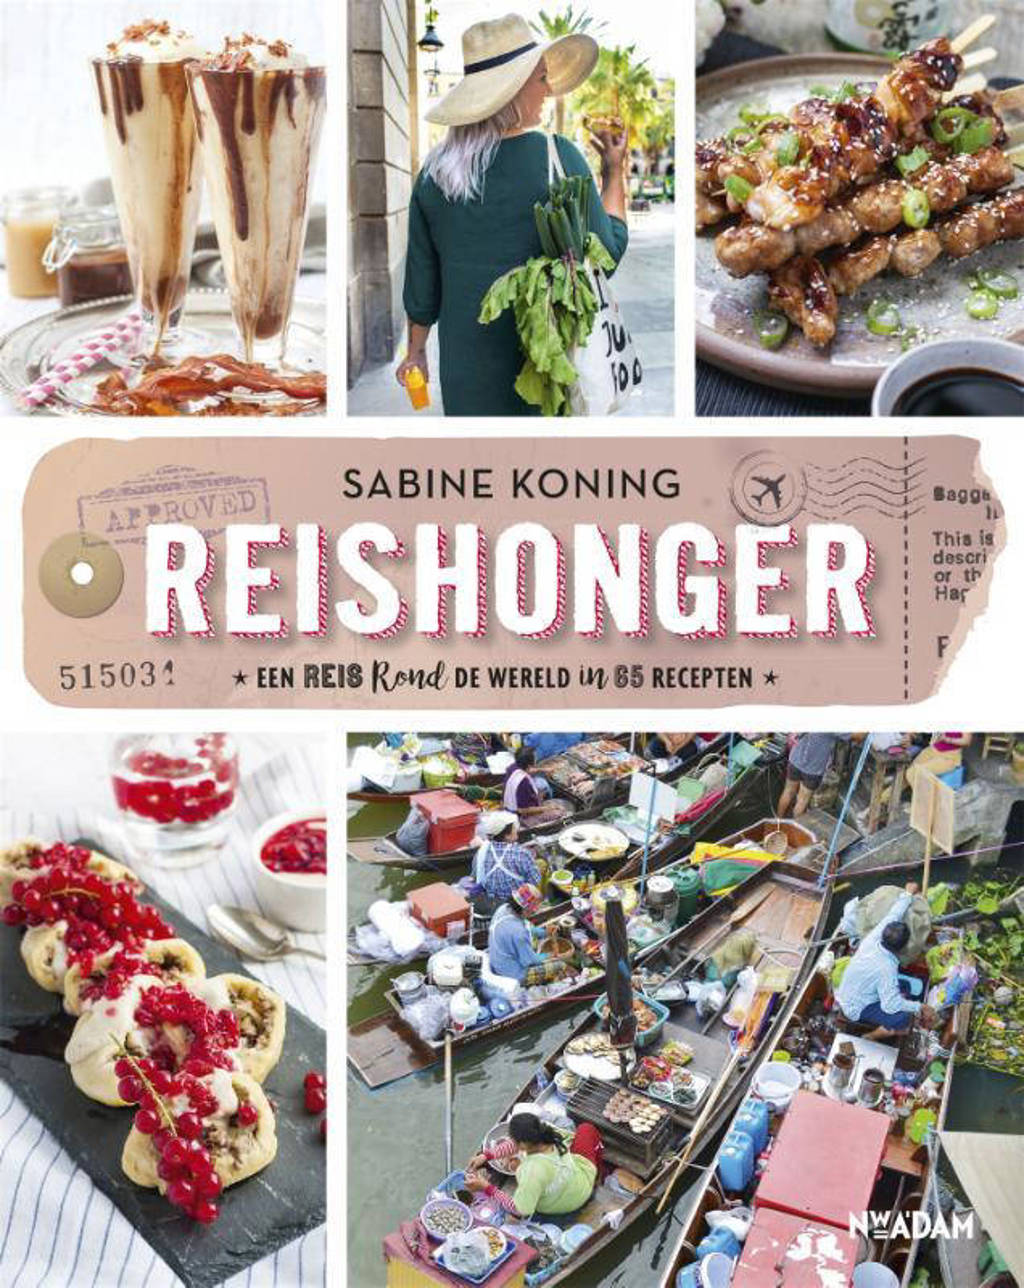 Reishonger - Sabine Koning